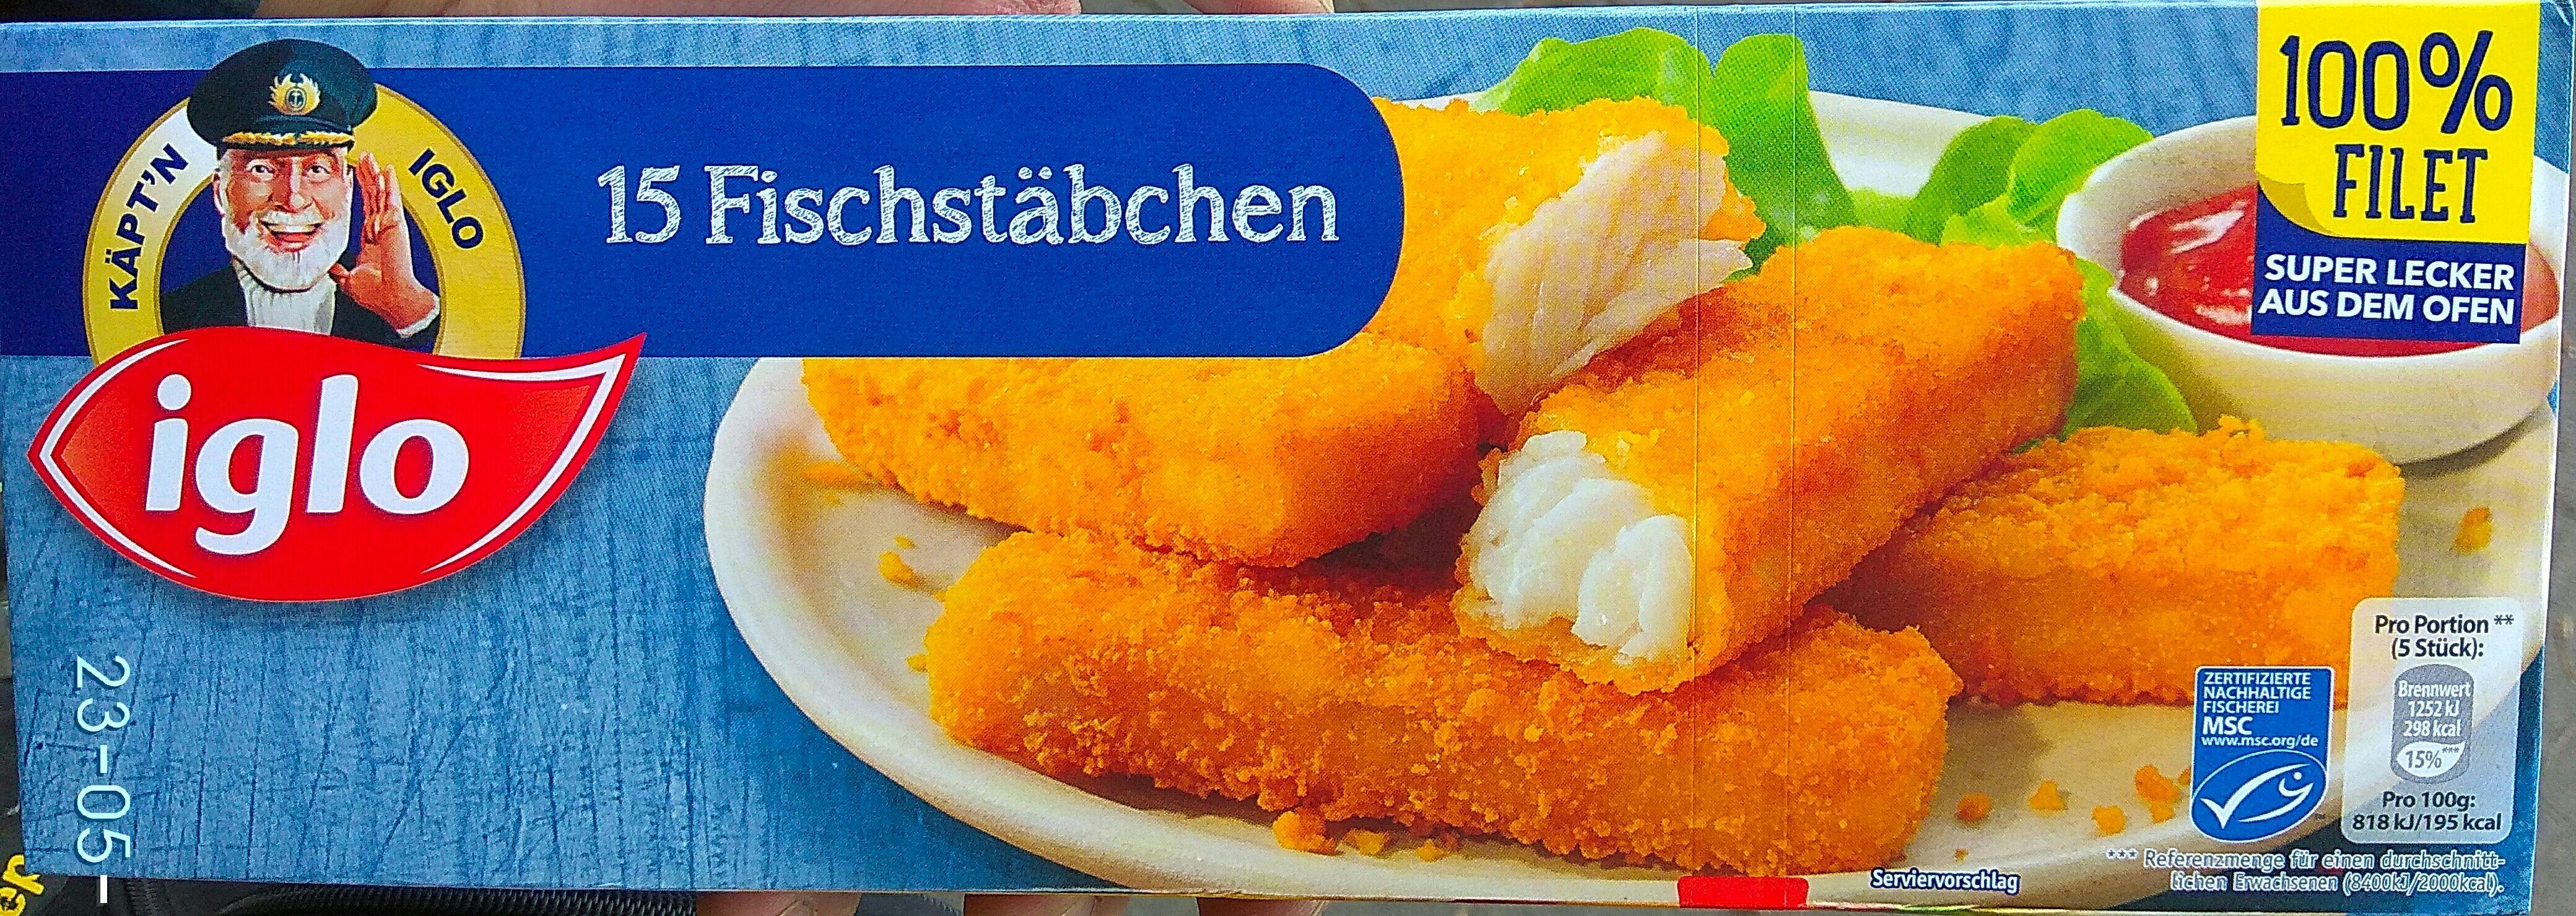 IGLO-Fischstäbchen